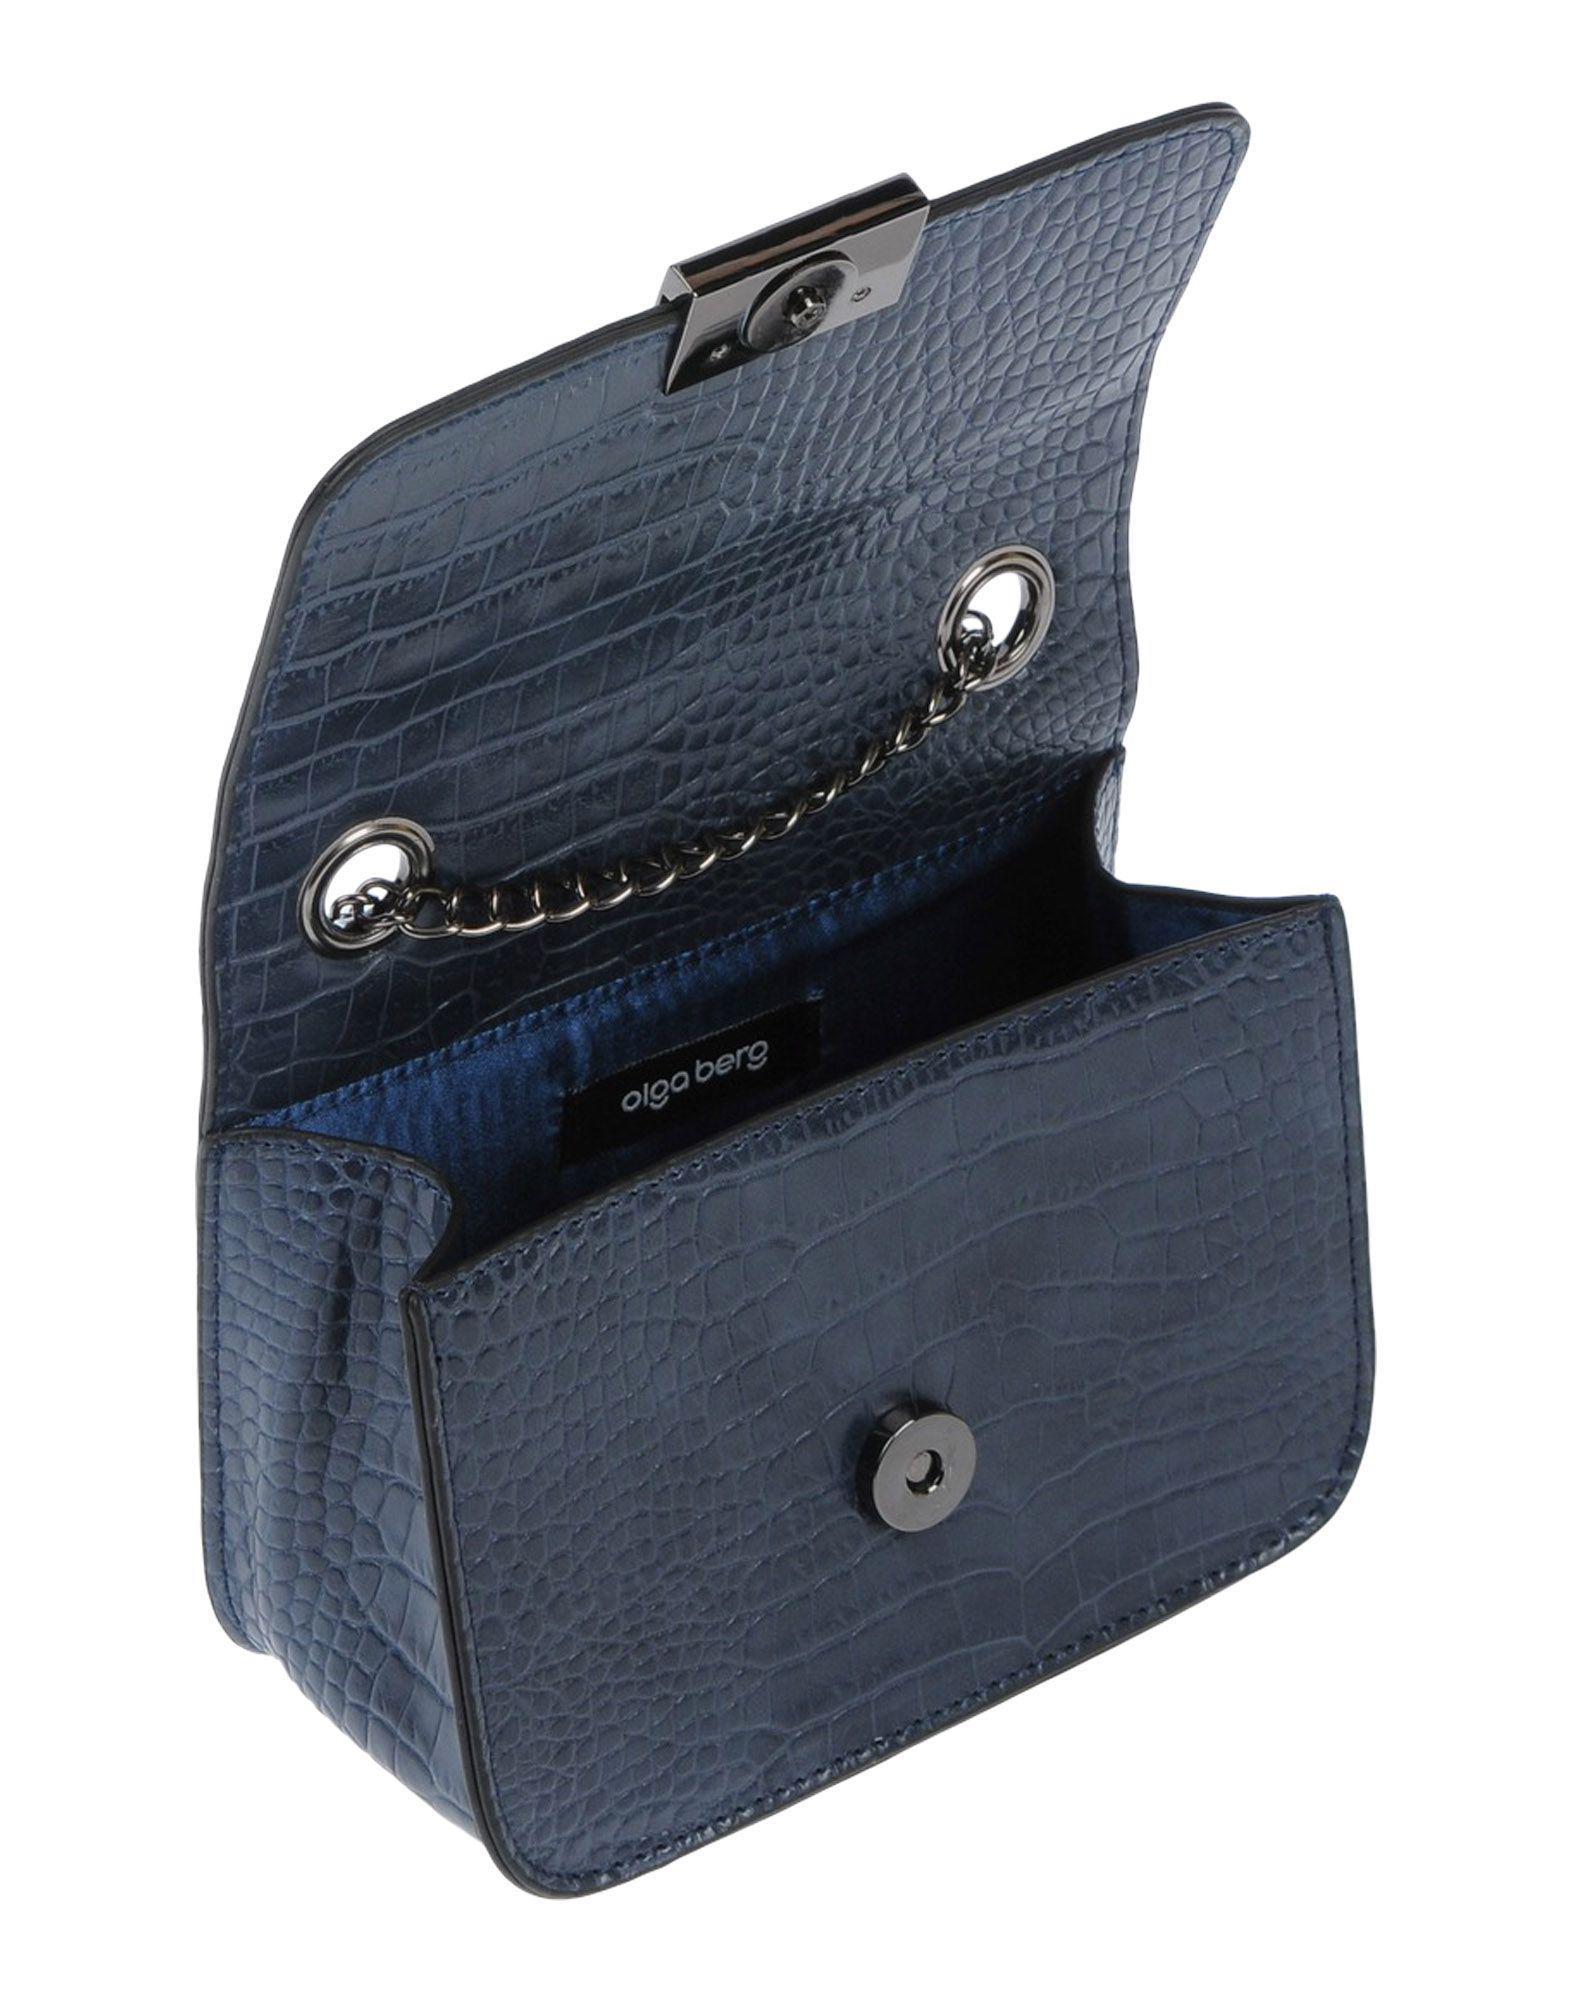 OLGA BERG Cross-body Bag in Dark Blue (Blue)